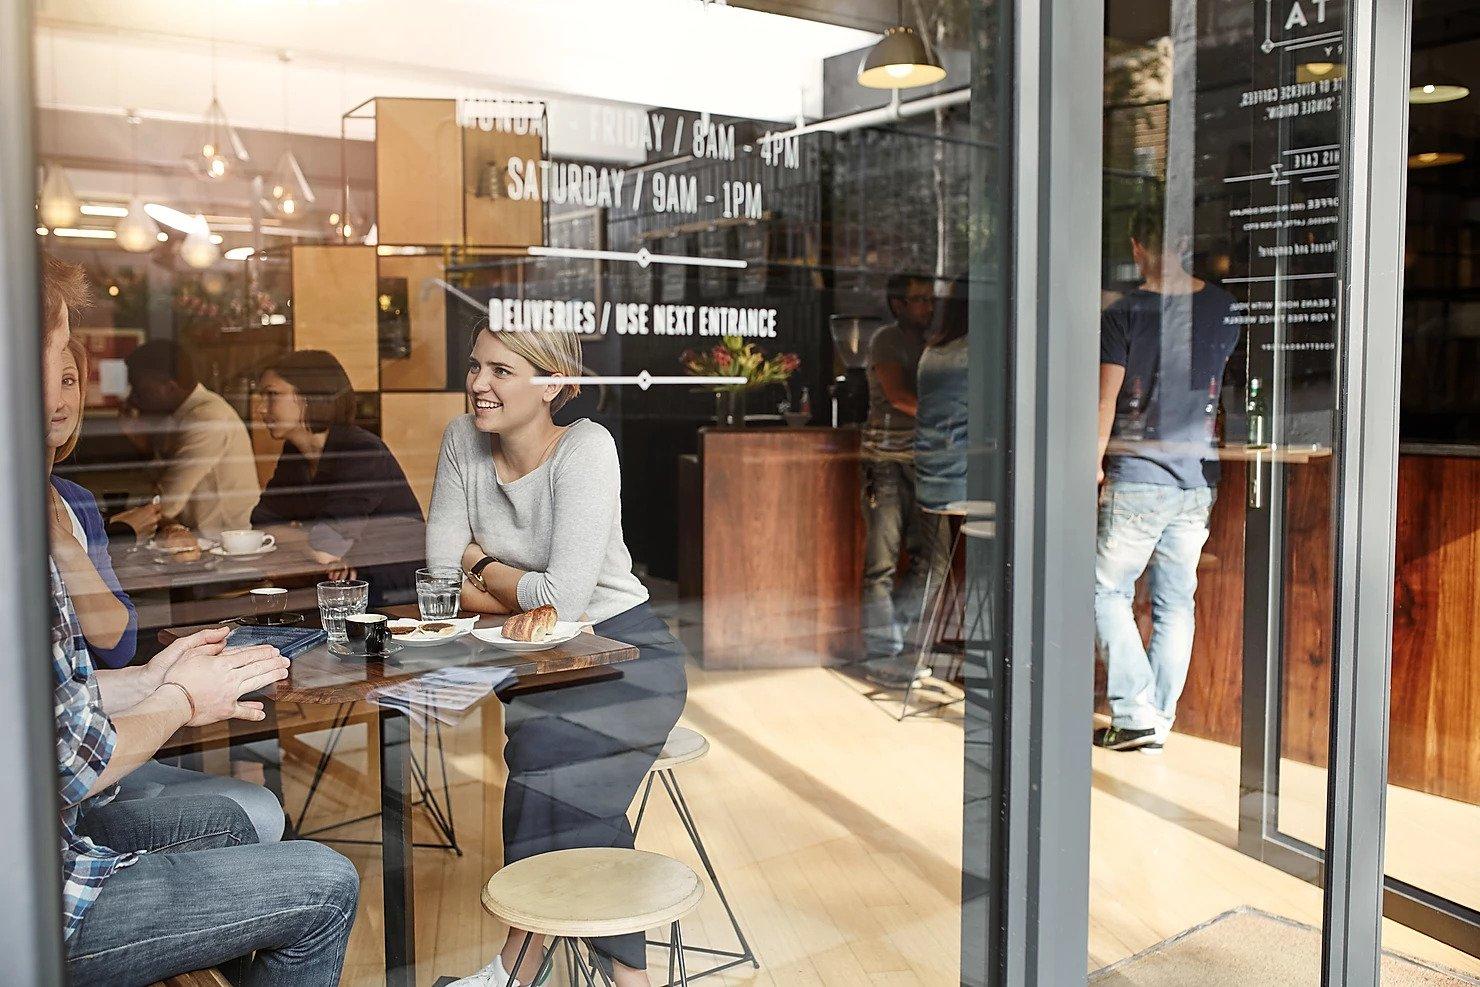 Comment ouvrir un restaurant avec un partenaire?